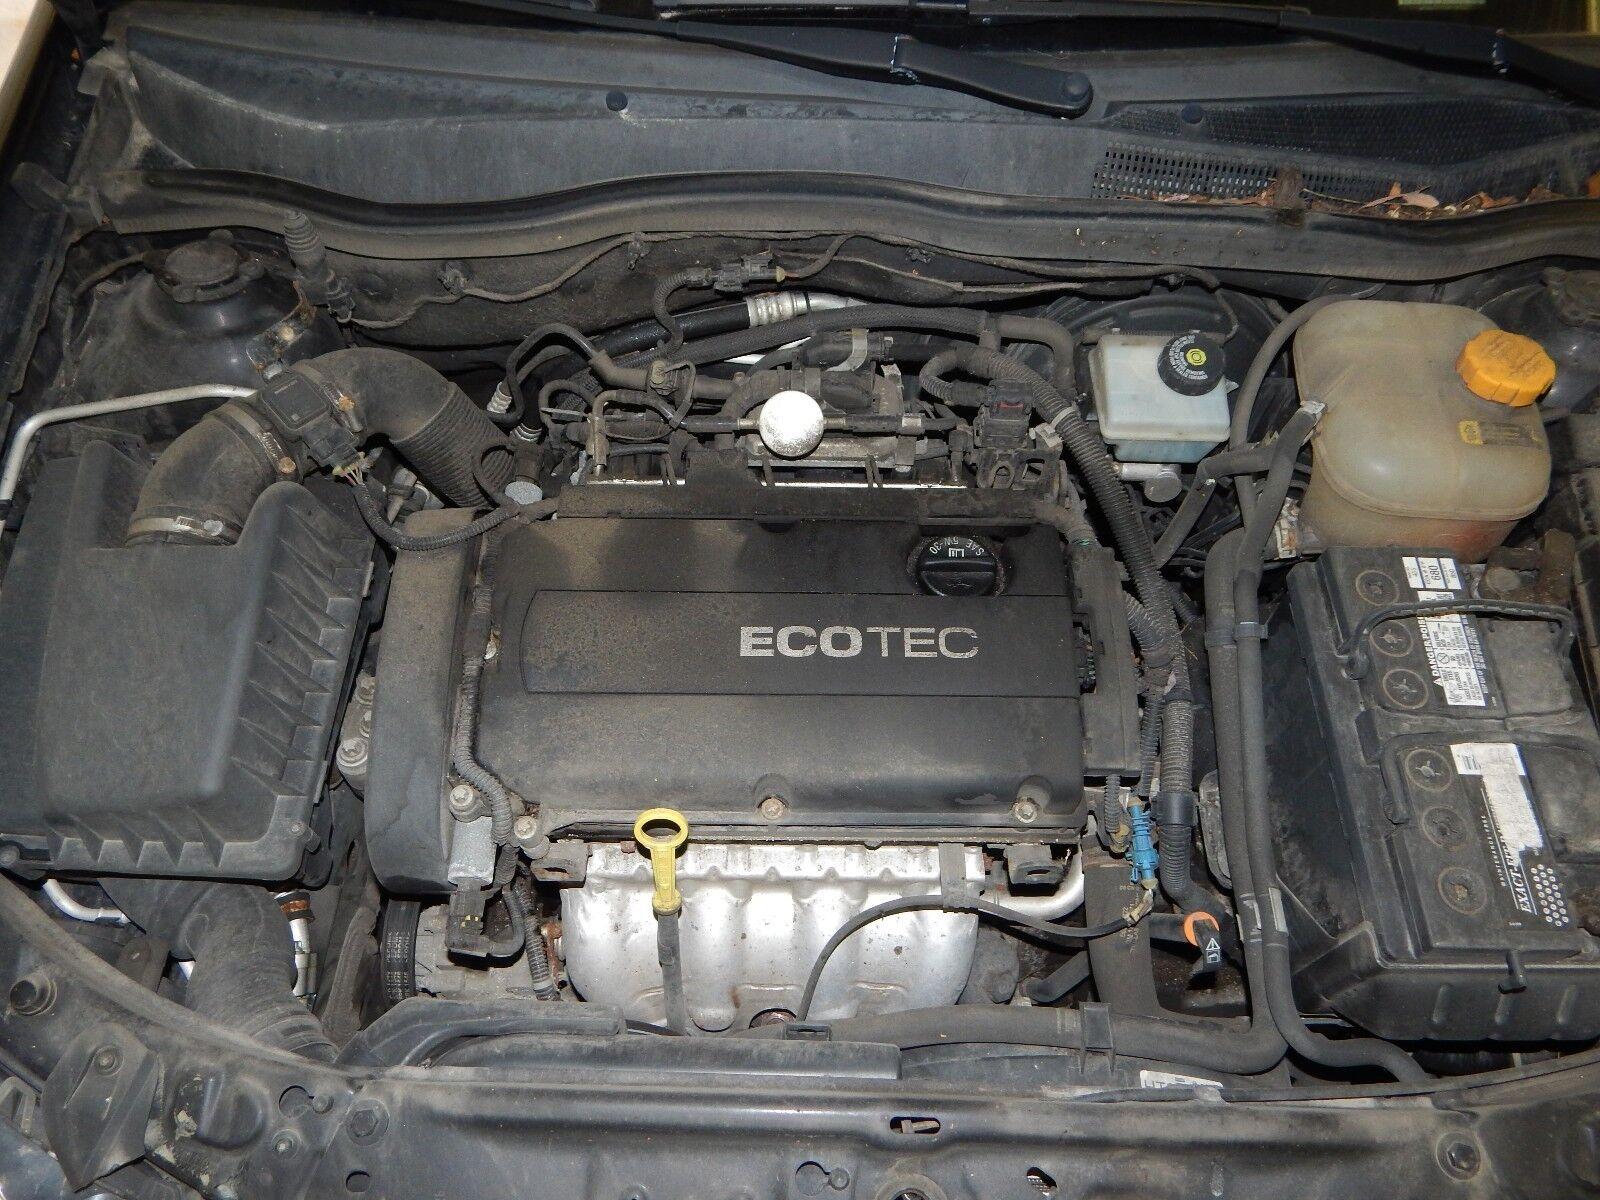 Auto evaporator coil replacement cost auto blower motor for Car blower motor replacement cost